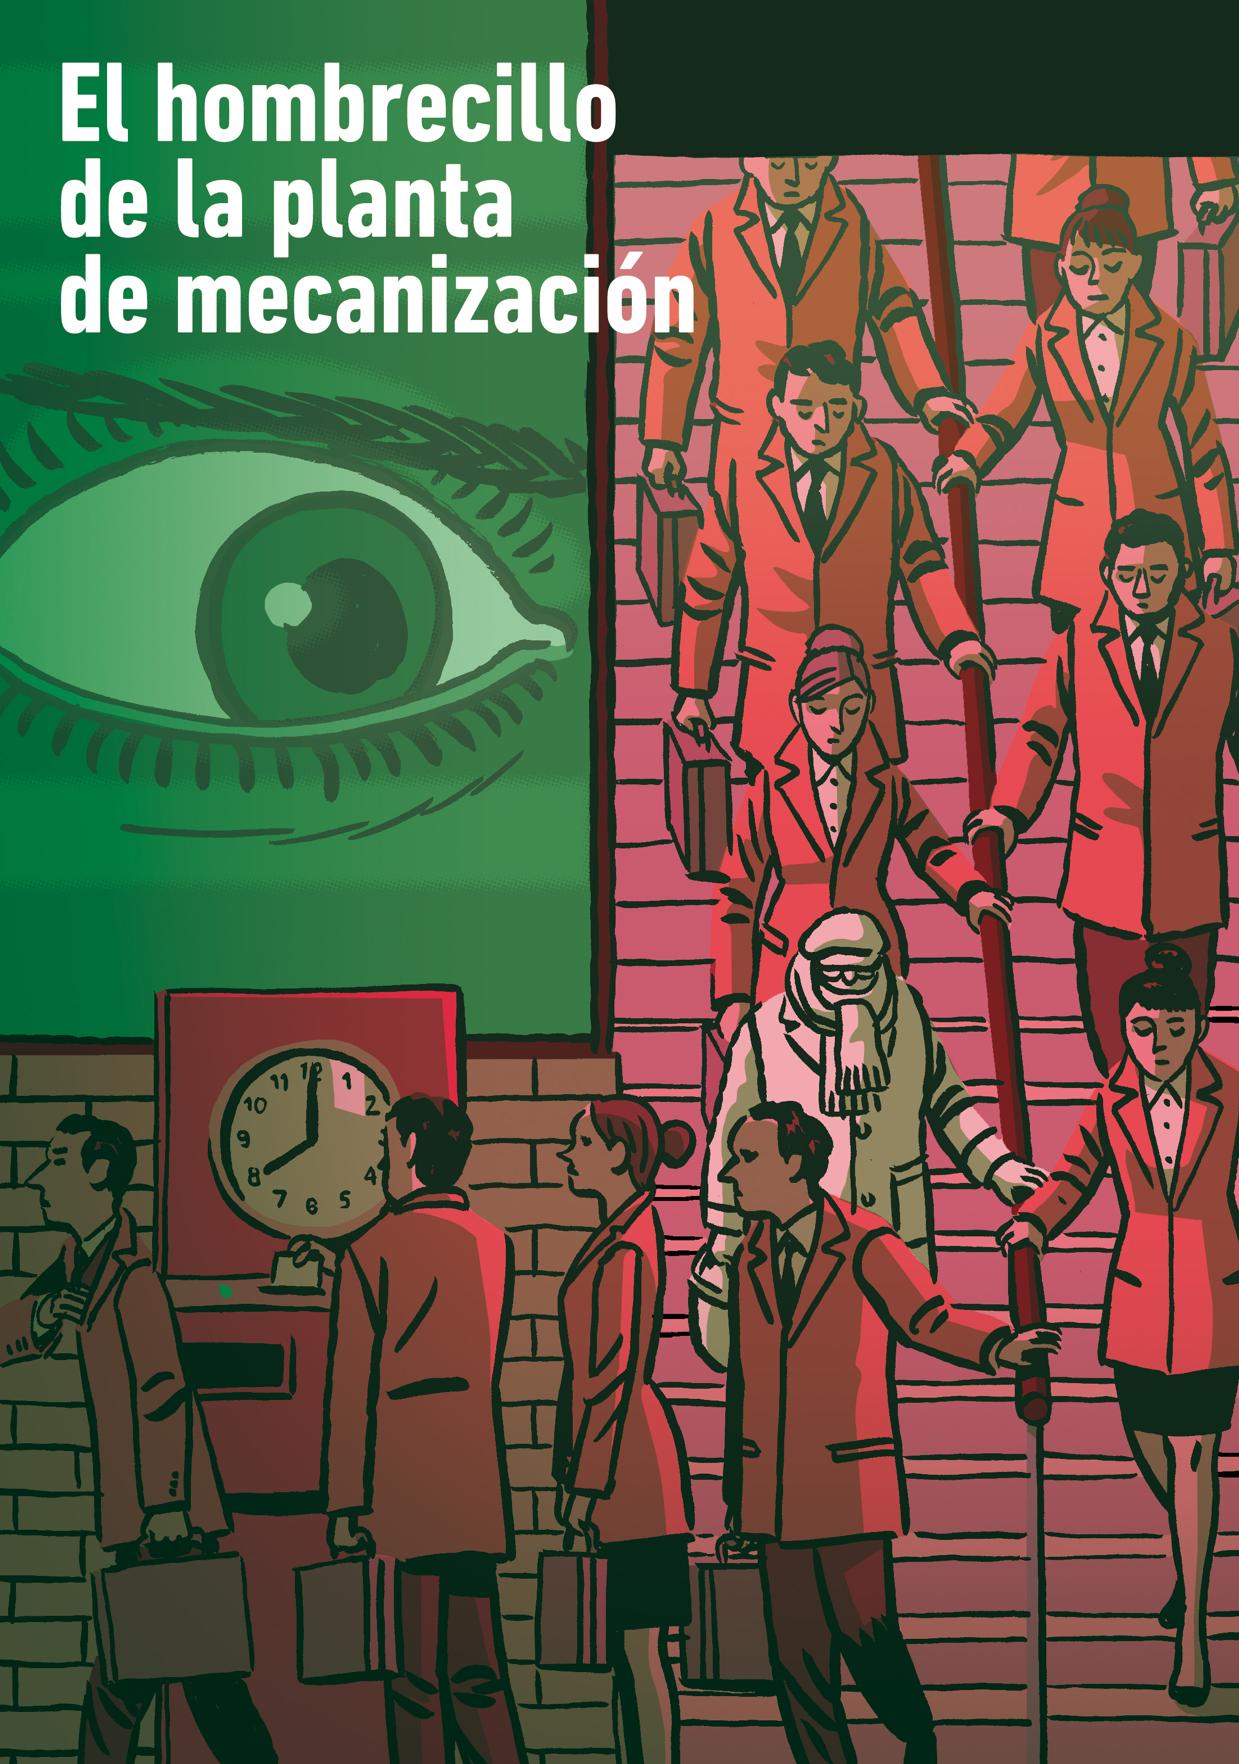 «El hombrecillo de la planta de mecanización» por Ismael Quintanilla